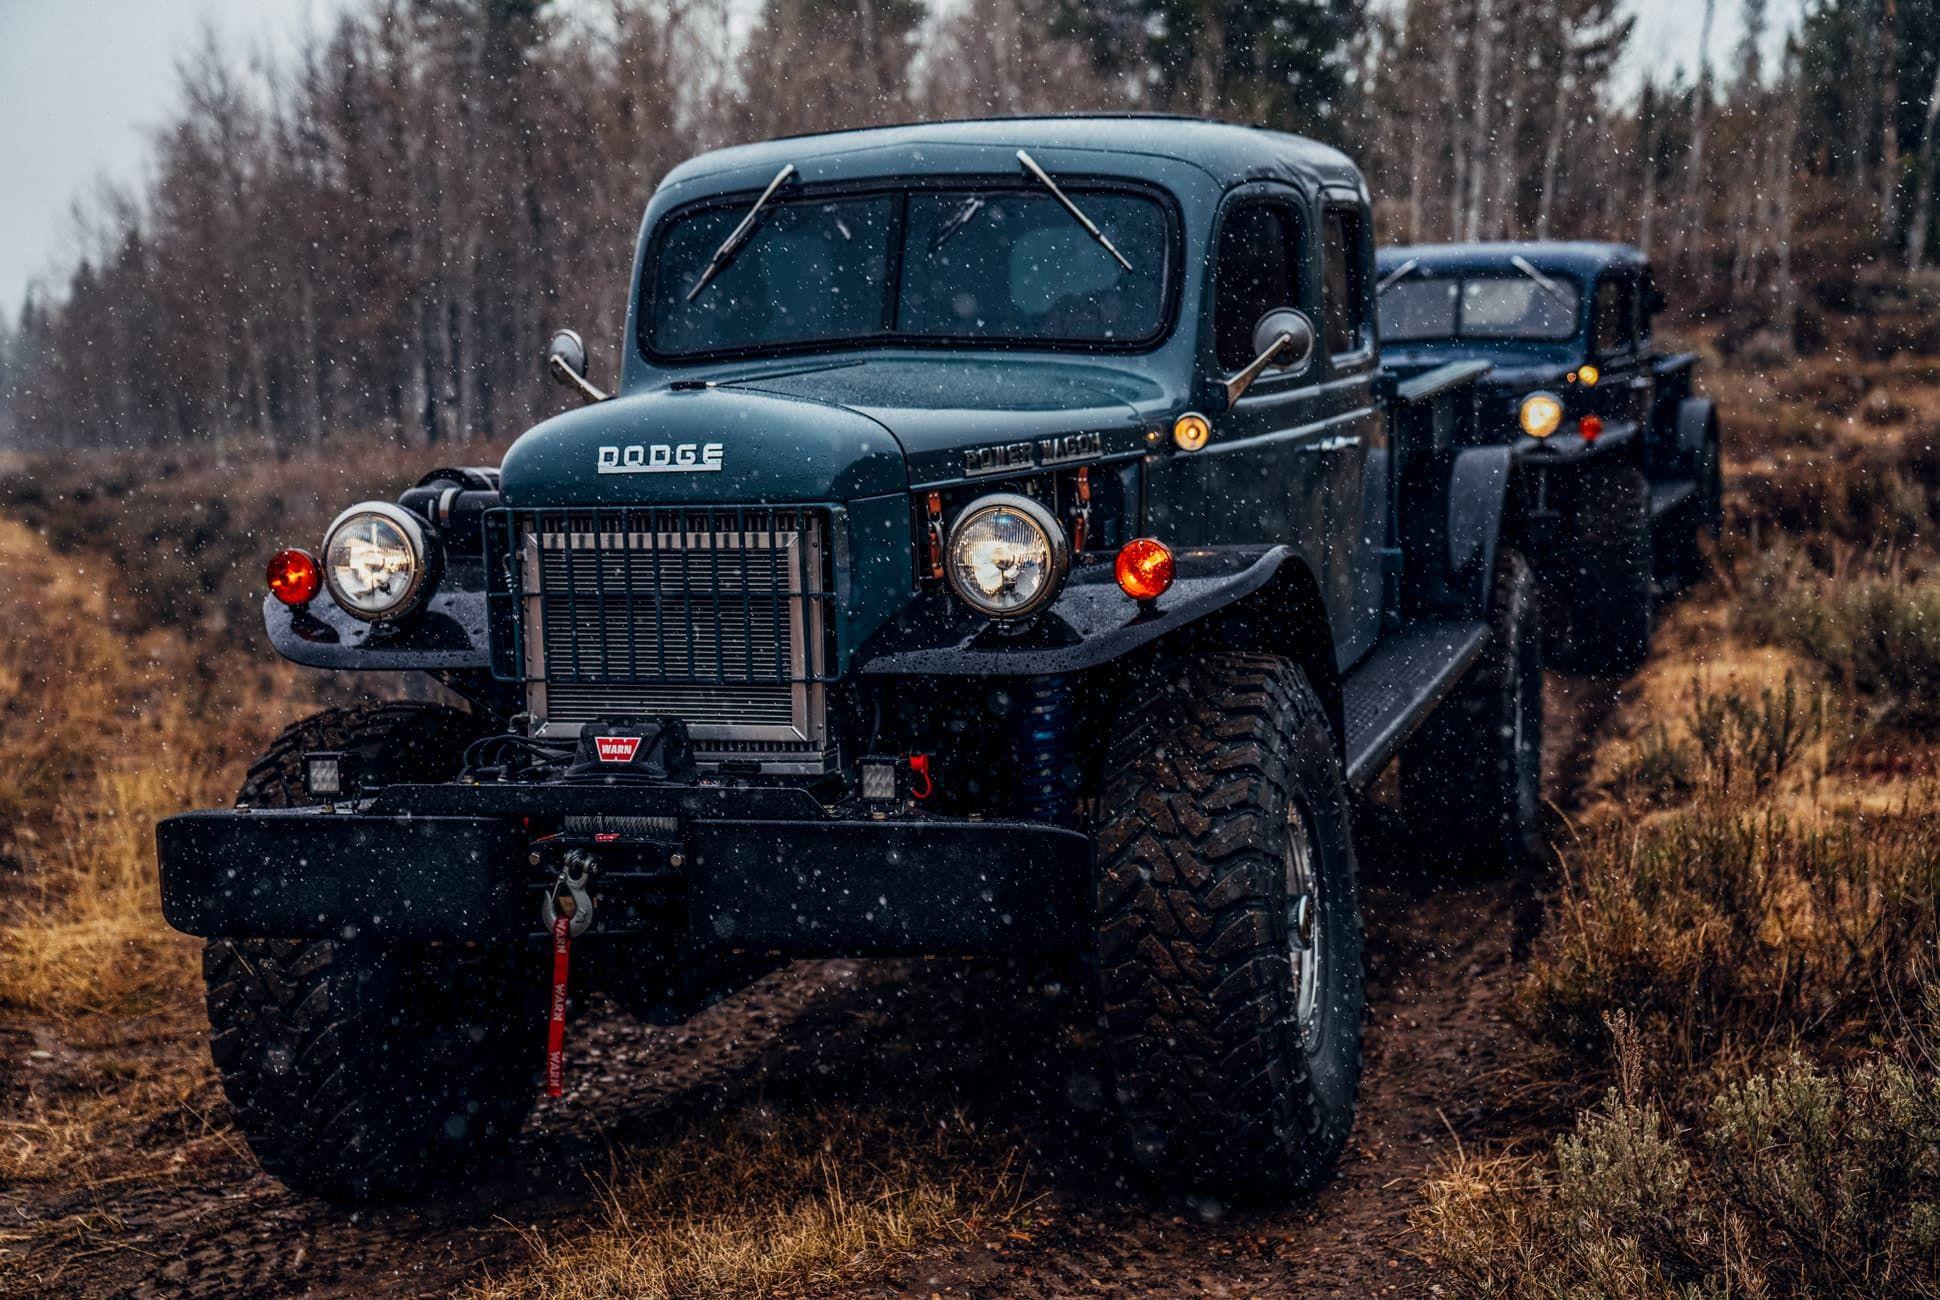 Legacy-Power-Wagons-Gear-Patrol-Slide-6